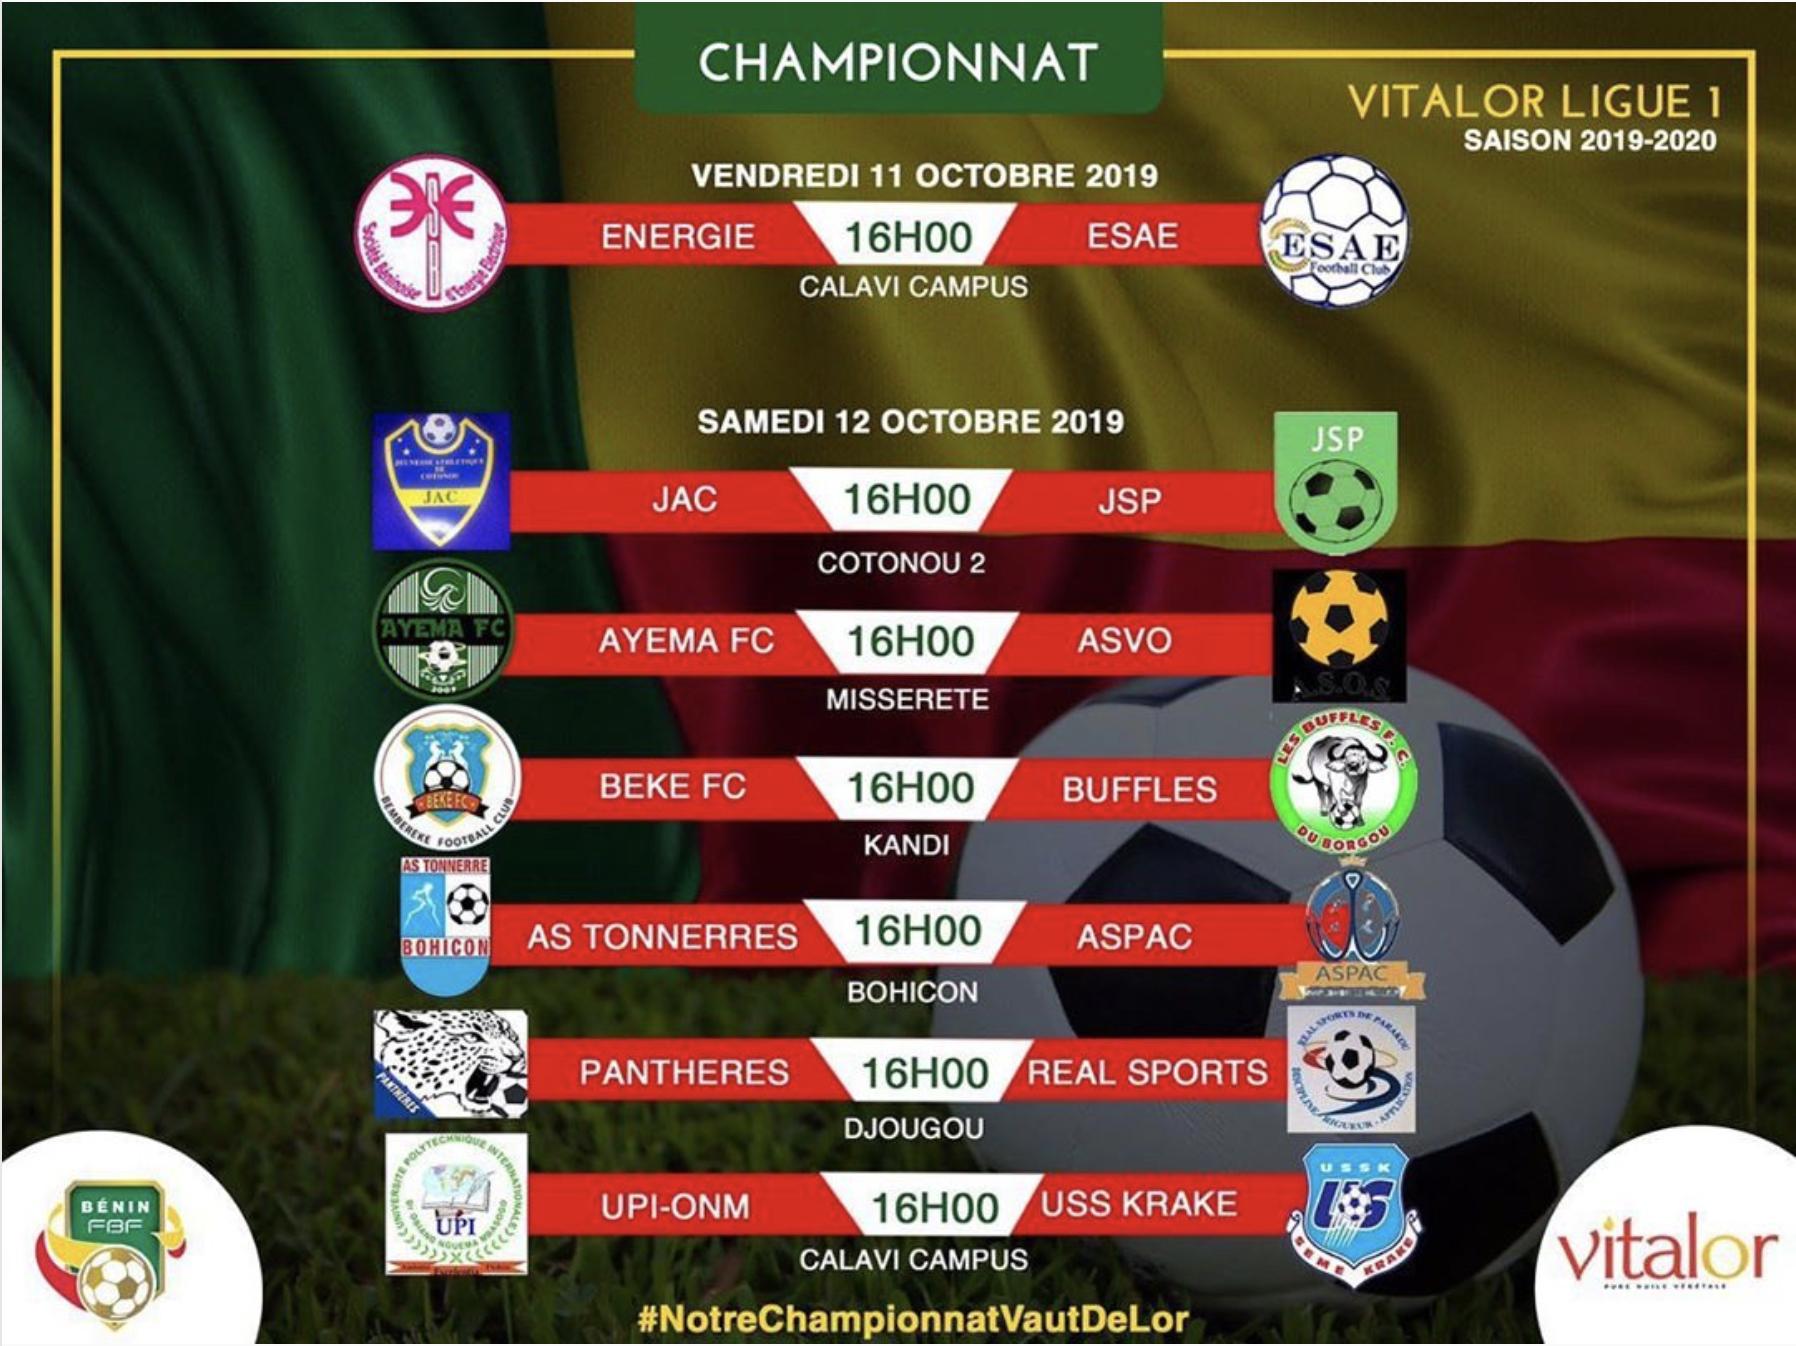 Calendrier Ligue 1 2019 2020.Vitalor Ligue 1 Saison 2019 2020 Esae Fc